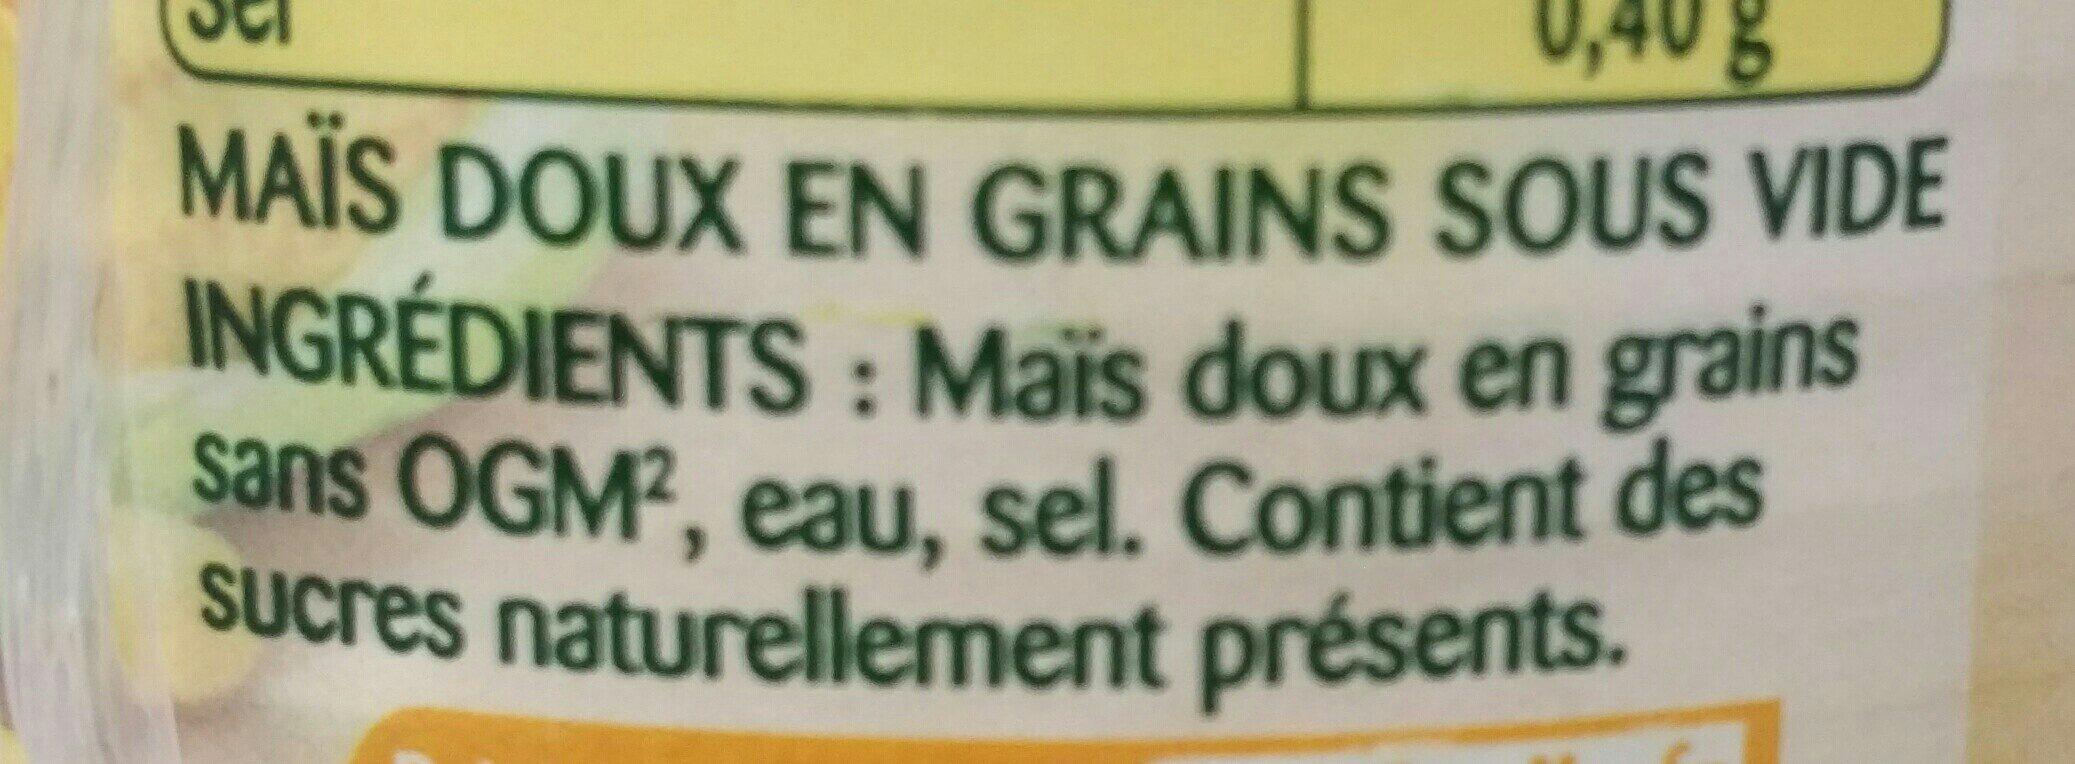 Le maïs - Ingredients